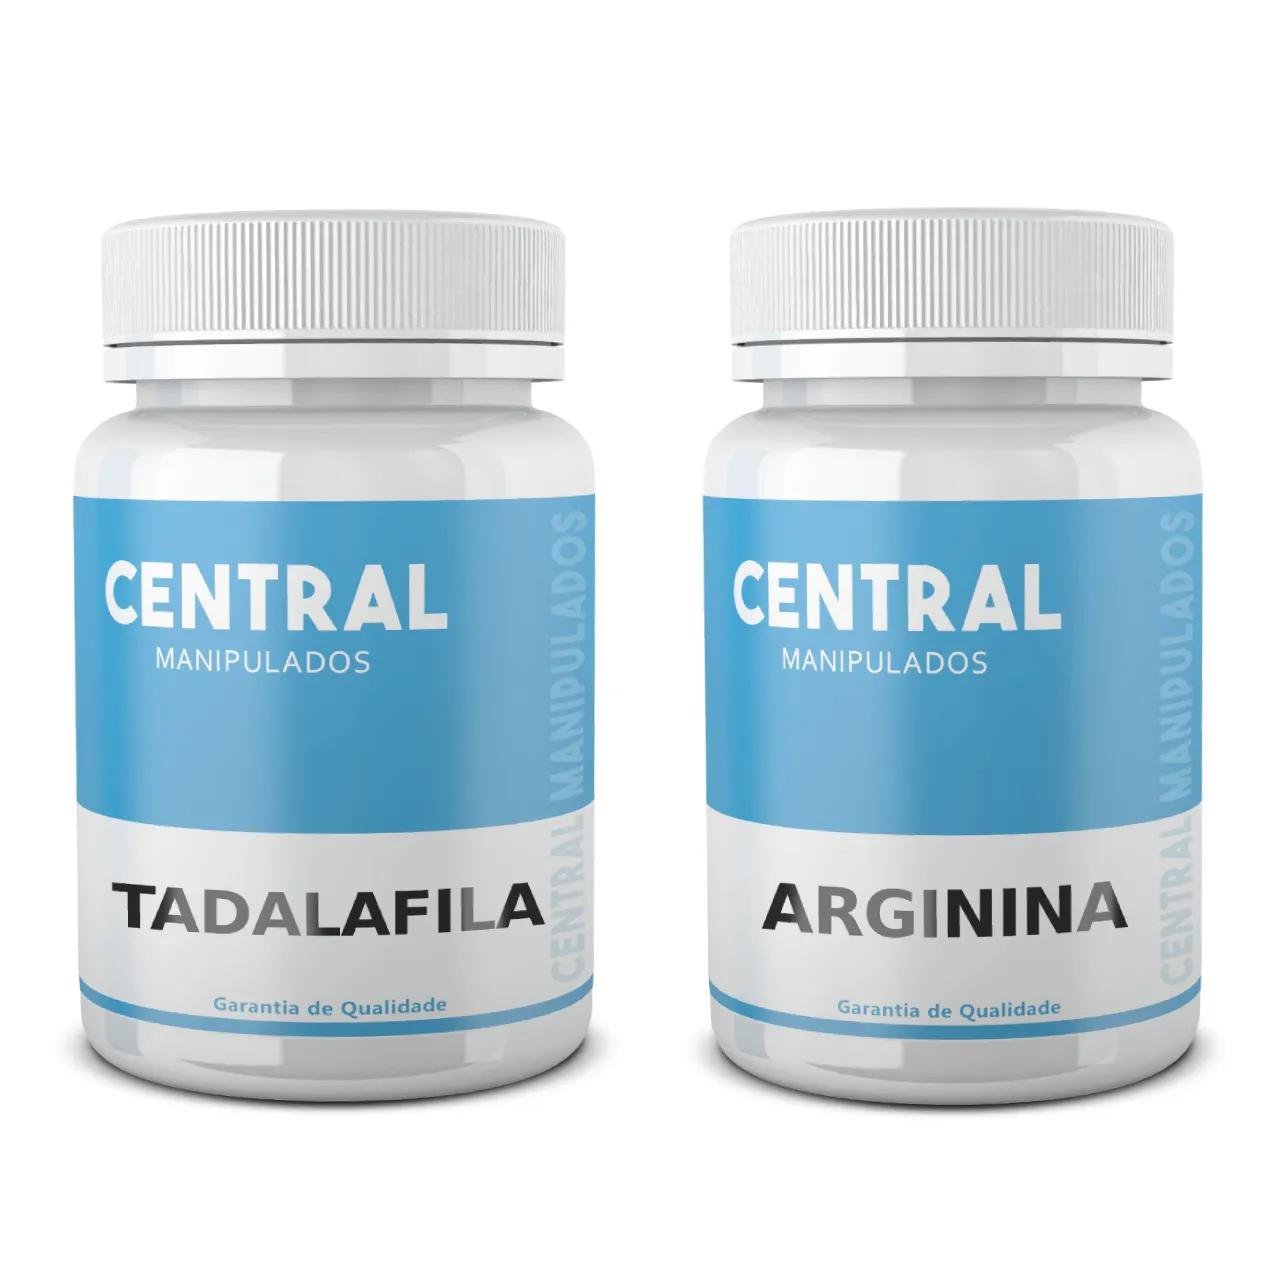 Tadalafila 20mg 120 Cápsulas + Arginina 500mg 120 Cápsulas - Vasodilatação e Ereção - FRETE GRÁTIS*